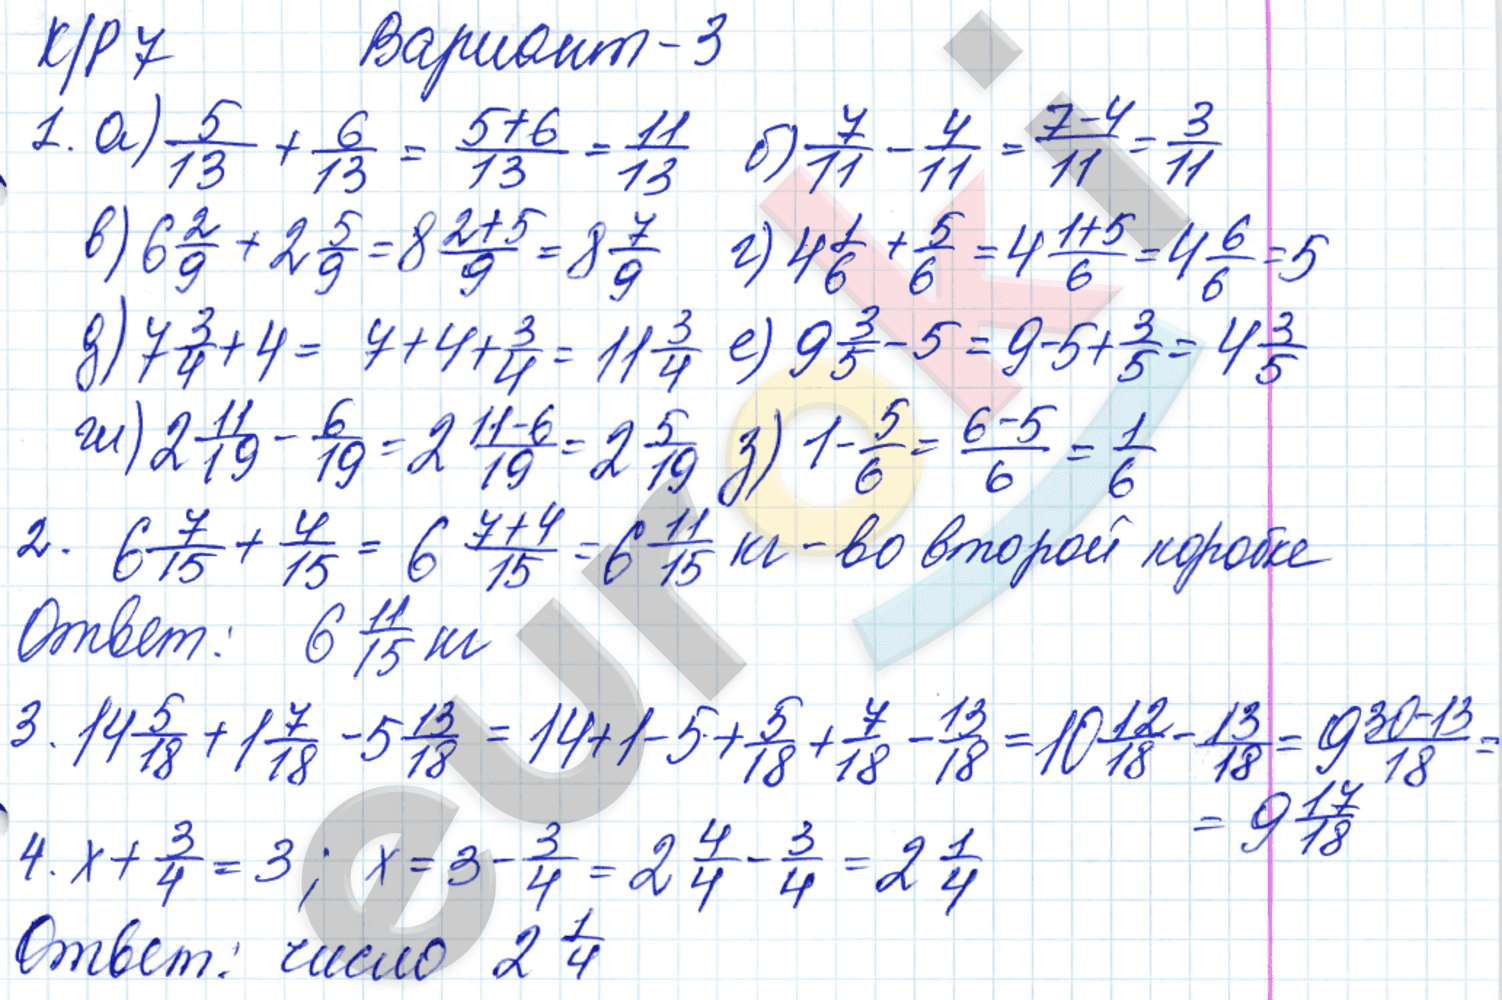 ГДЗ по математике 5 класс контрольные работы Дудницын, Кронгауз Экзамен ответы и решения онлайн КР-7. Сложение и вычитание обыкновенных дробей с одинаковыми знаменателями. Сложение и вычитание смешанных чисел. Задание: Вариант 3